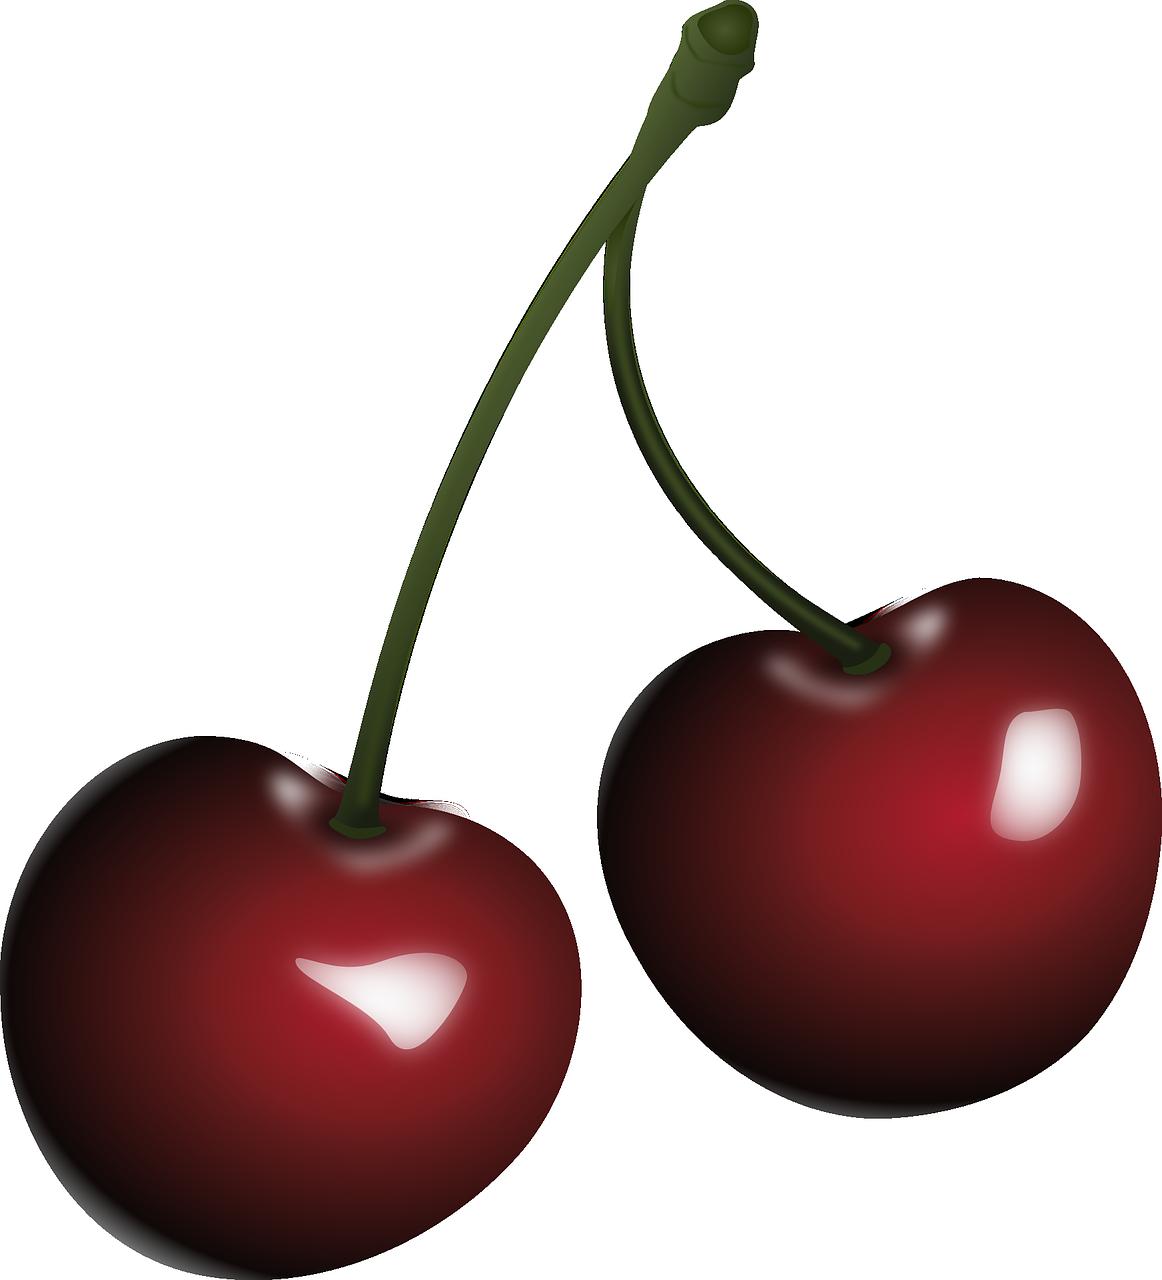 A pair of cherries